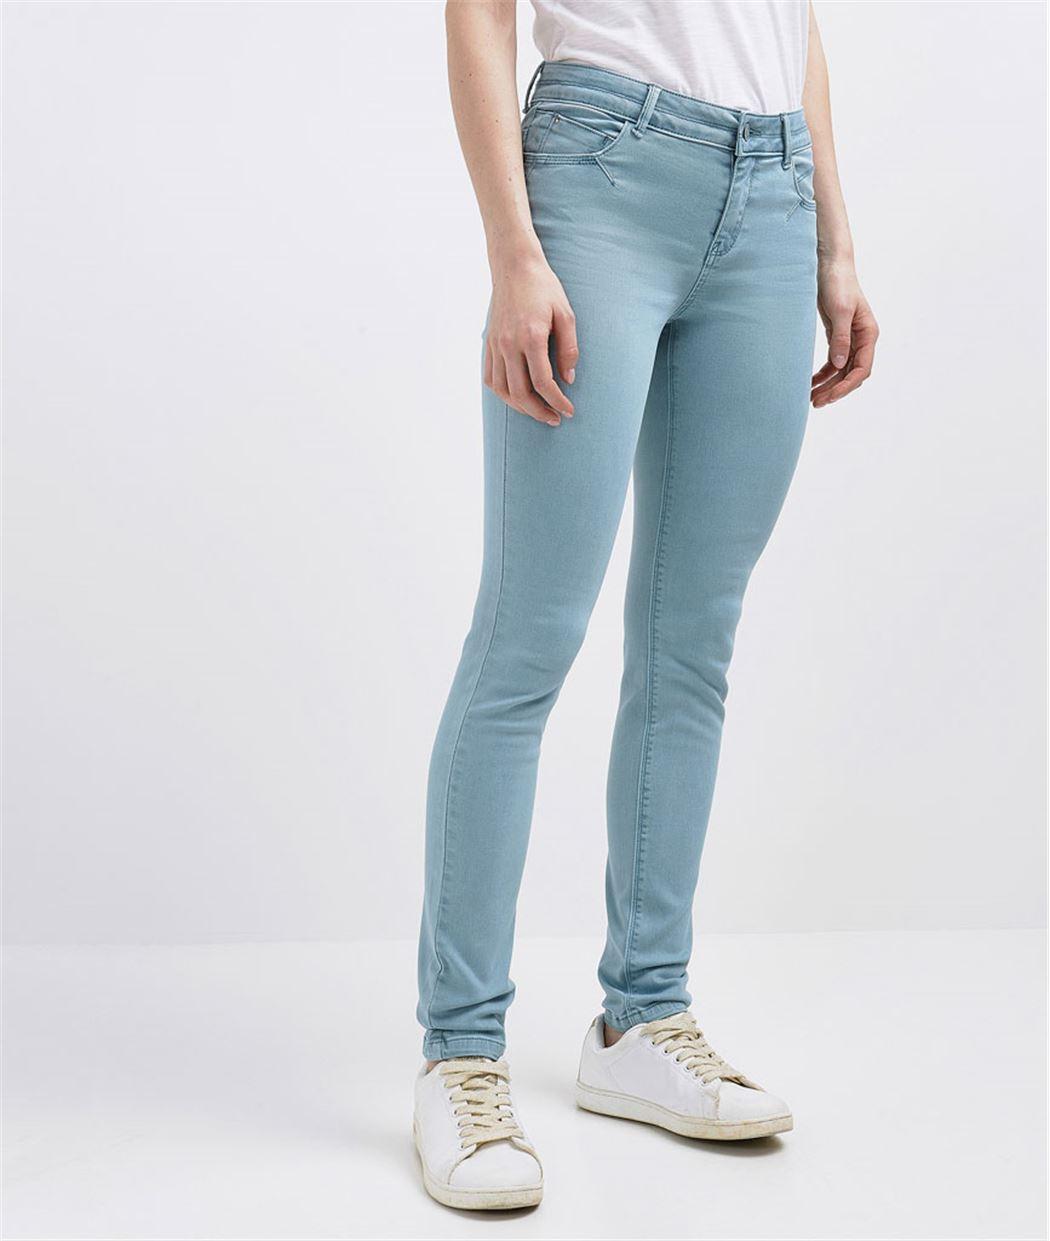 Pantalon femme slim push up couleur LAGON